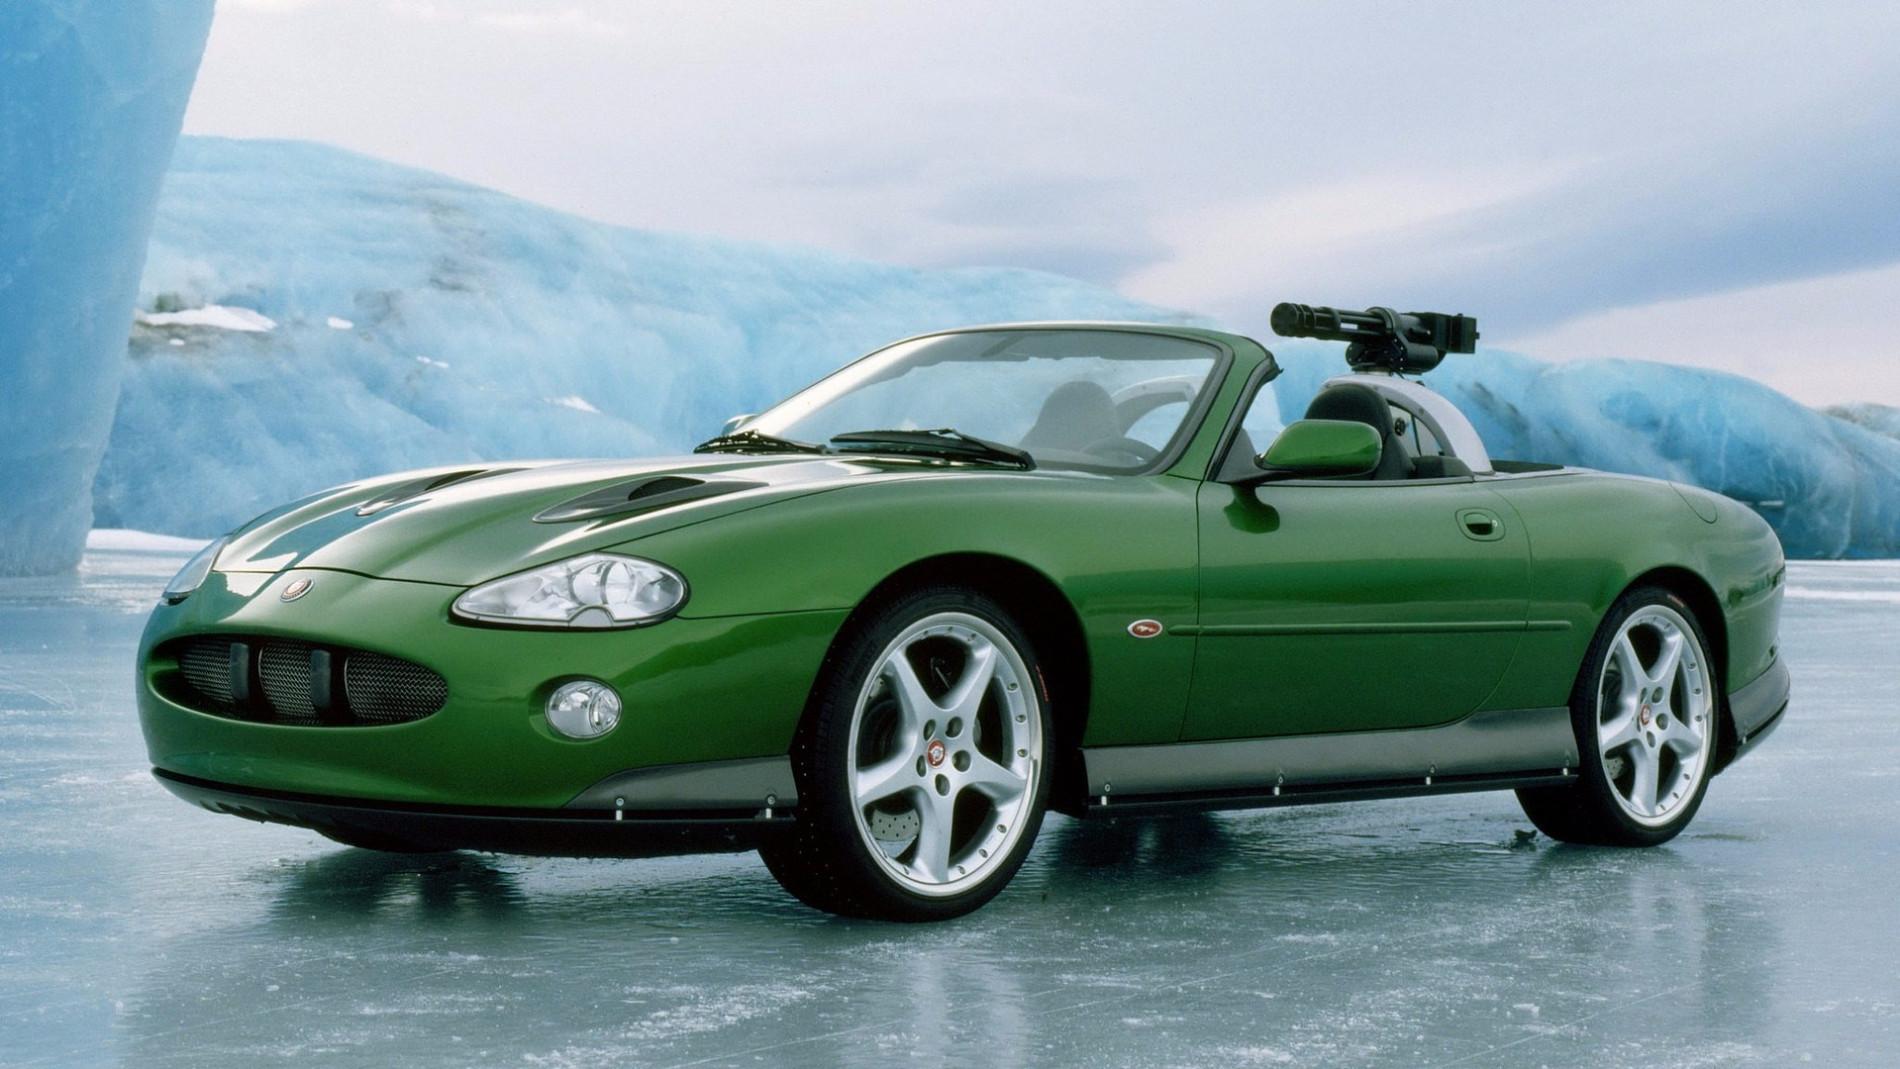 Ghicesti in ce filme au aparut aceste 10 masini celebre? - Ghicesti in ce filme au aparut aceste 10 masini celebre?